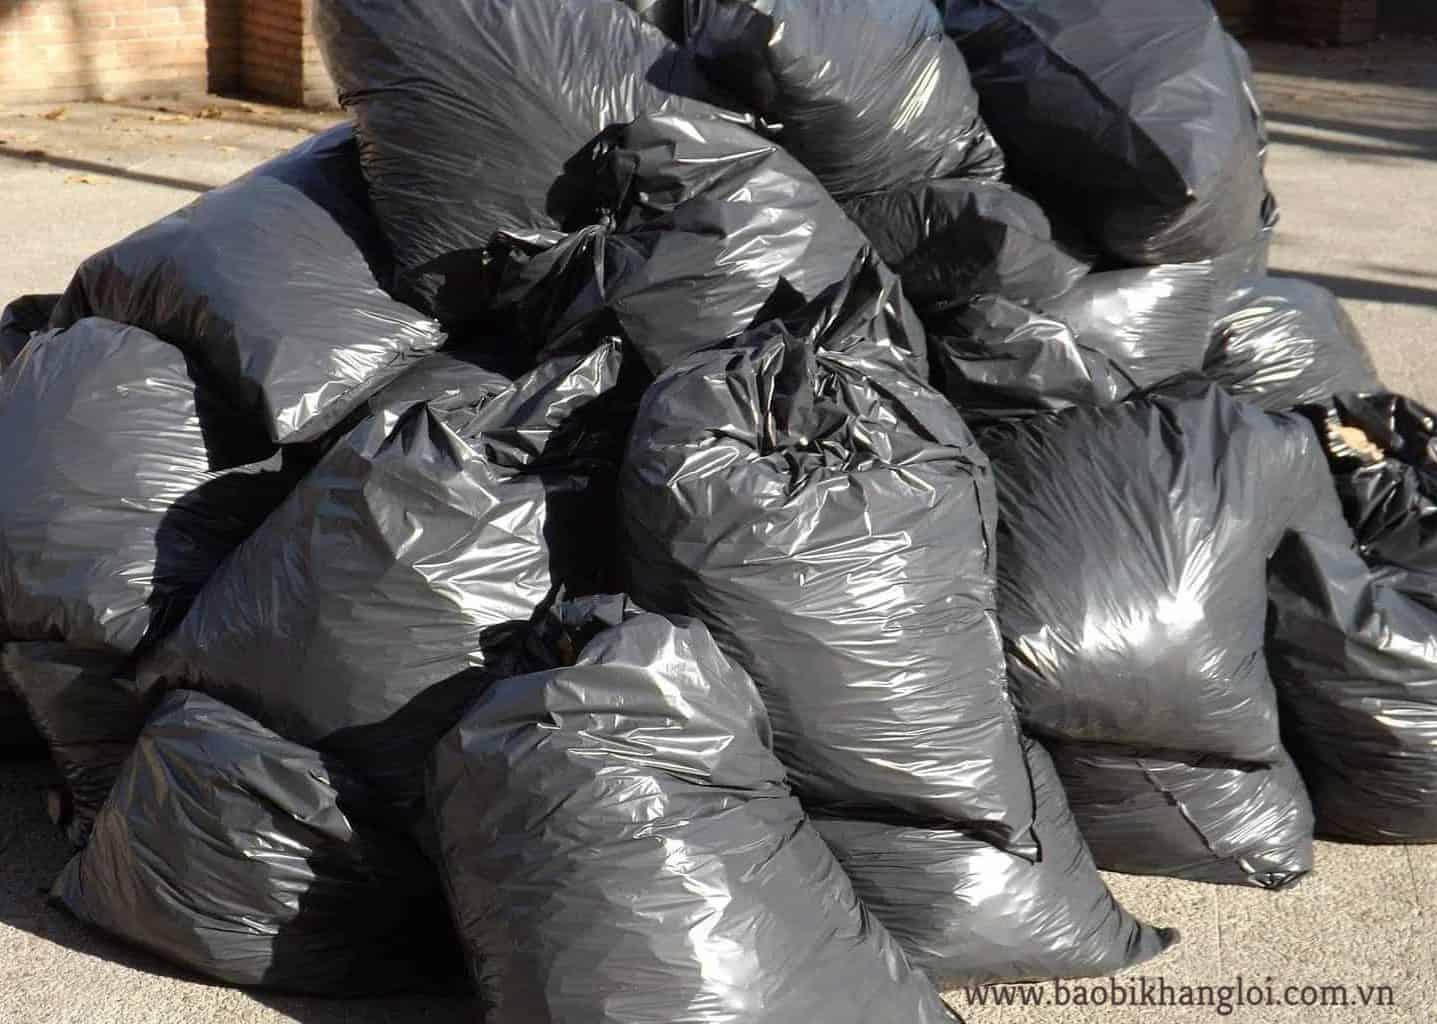 túi bóng đựng rác phổ biến nhất là màu đen